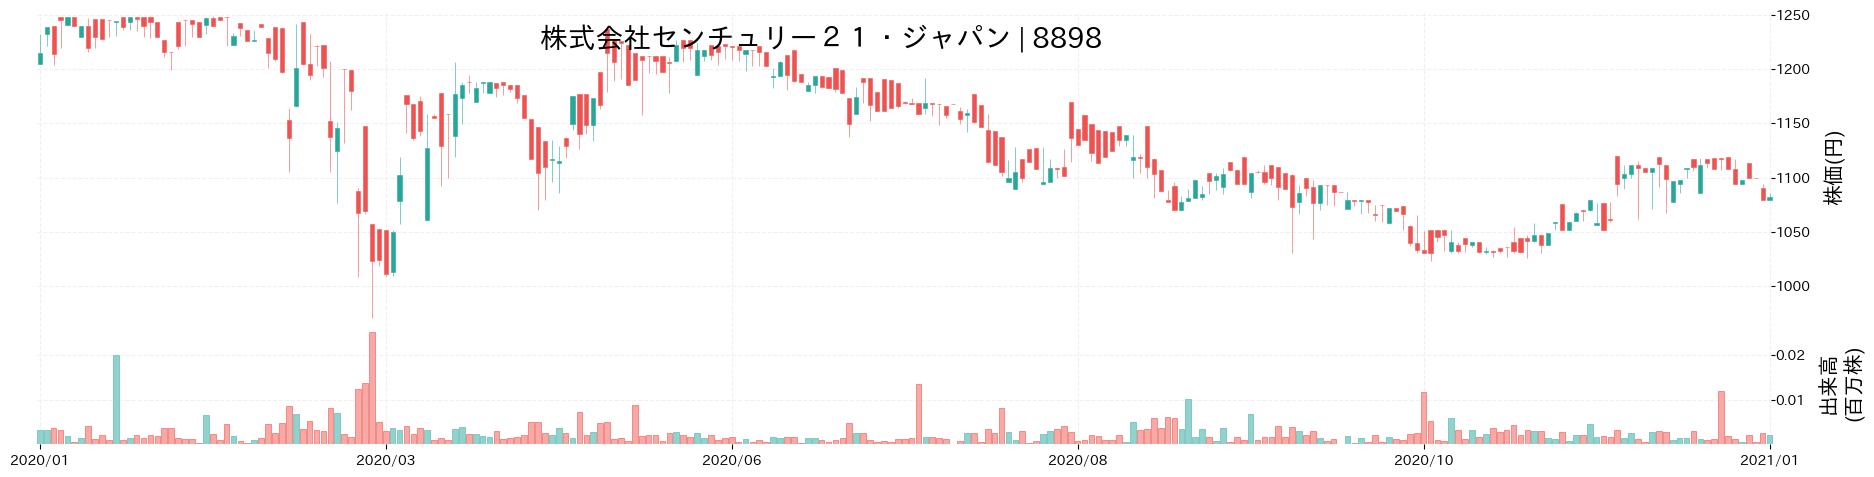 株式会社センチュリー21・ジャパンの株価推移(2020)